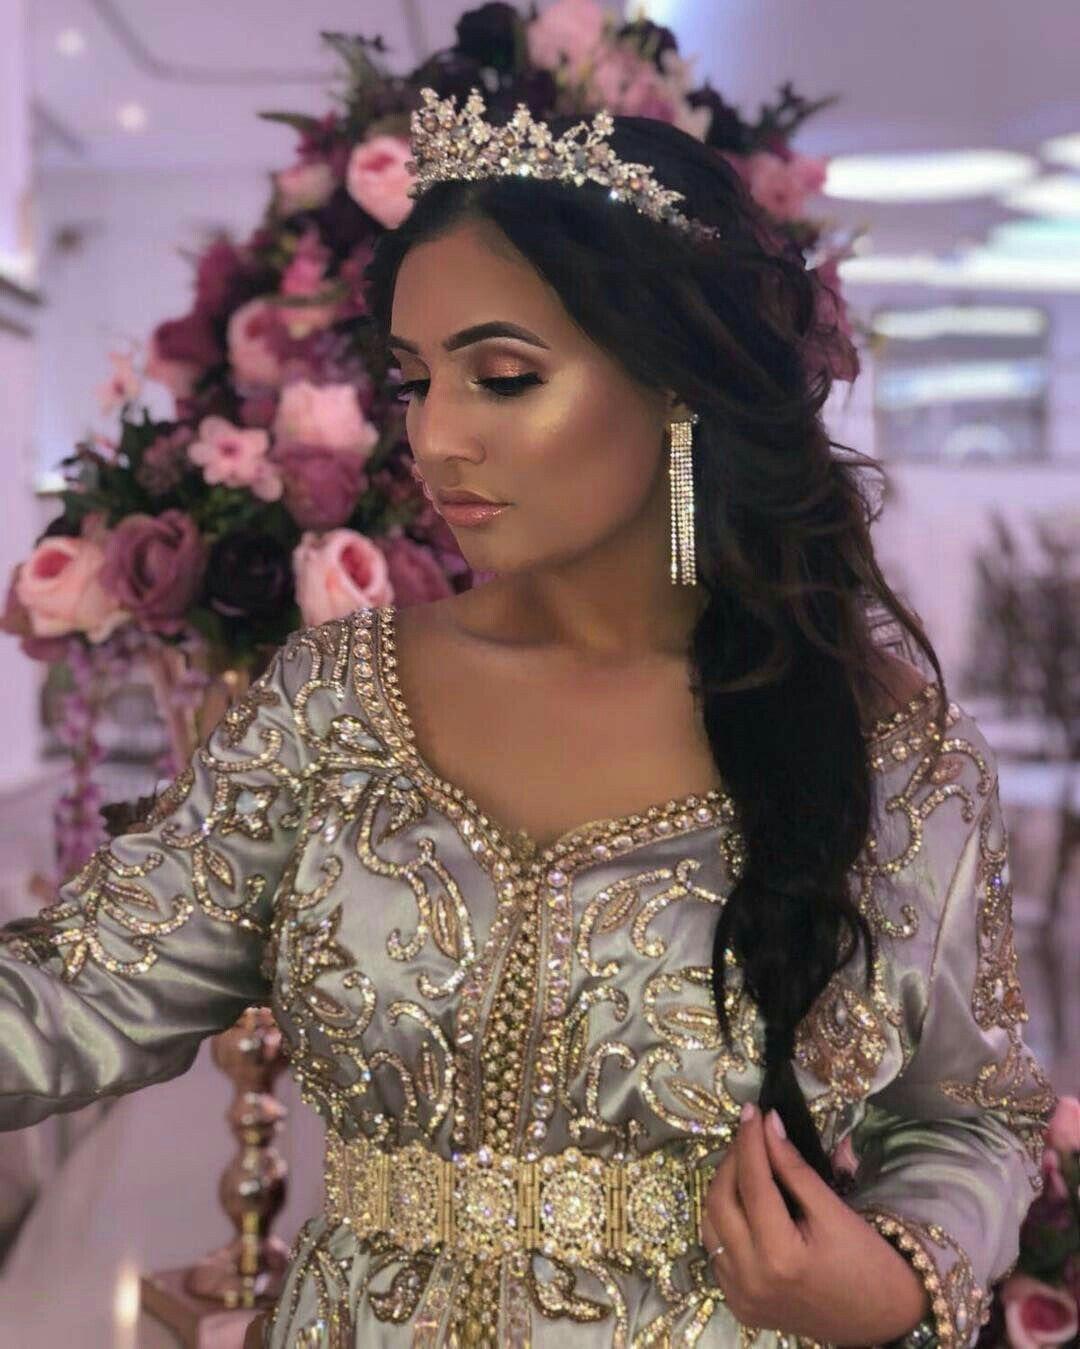 Caftan en 2020 | Coiffure et maquillage de mariage